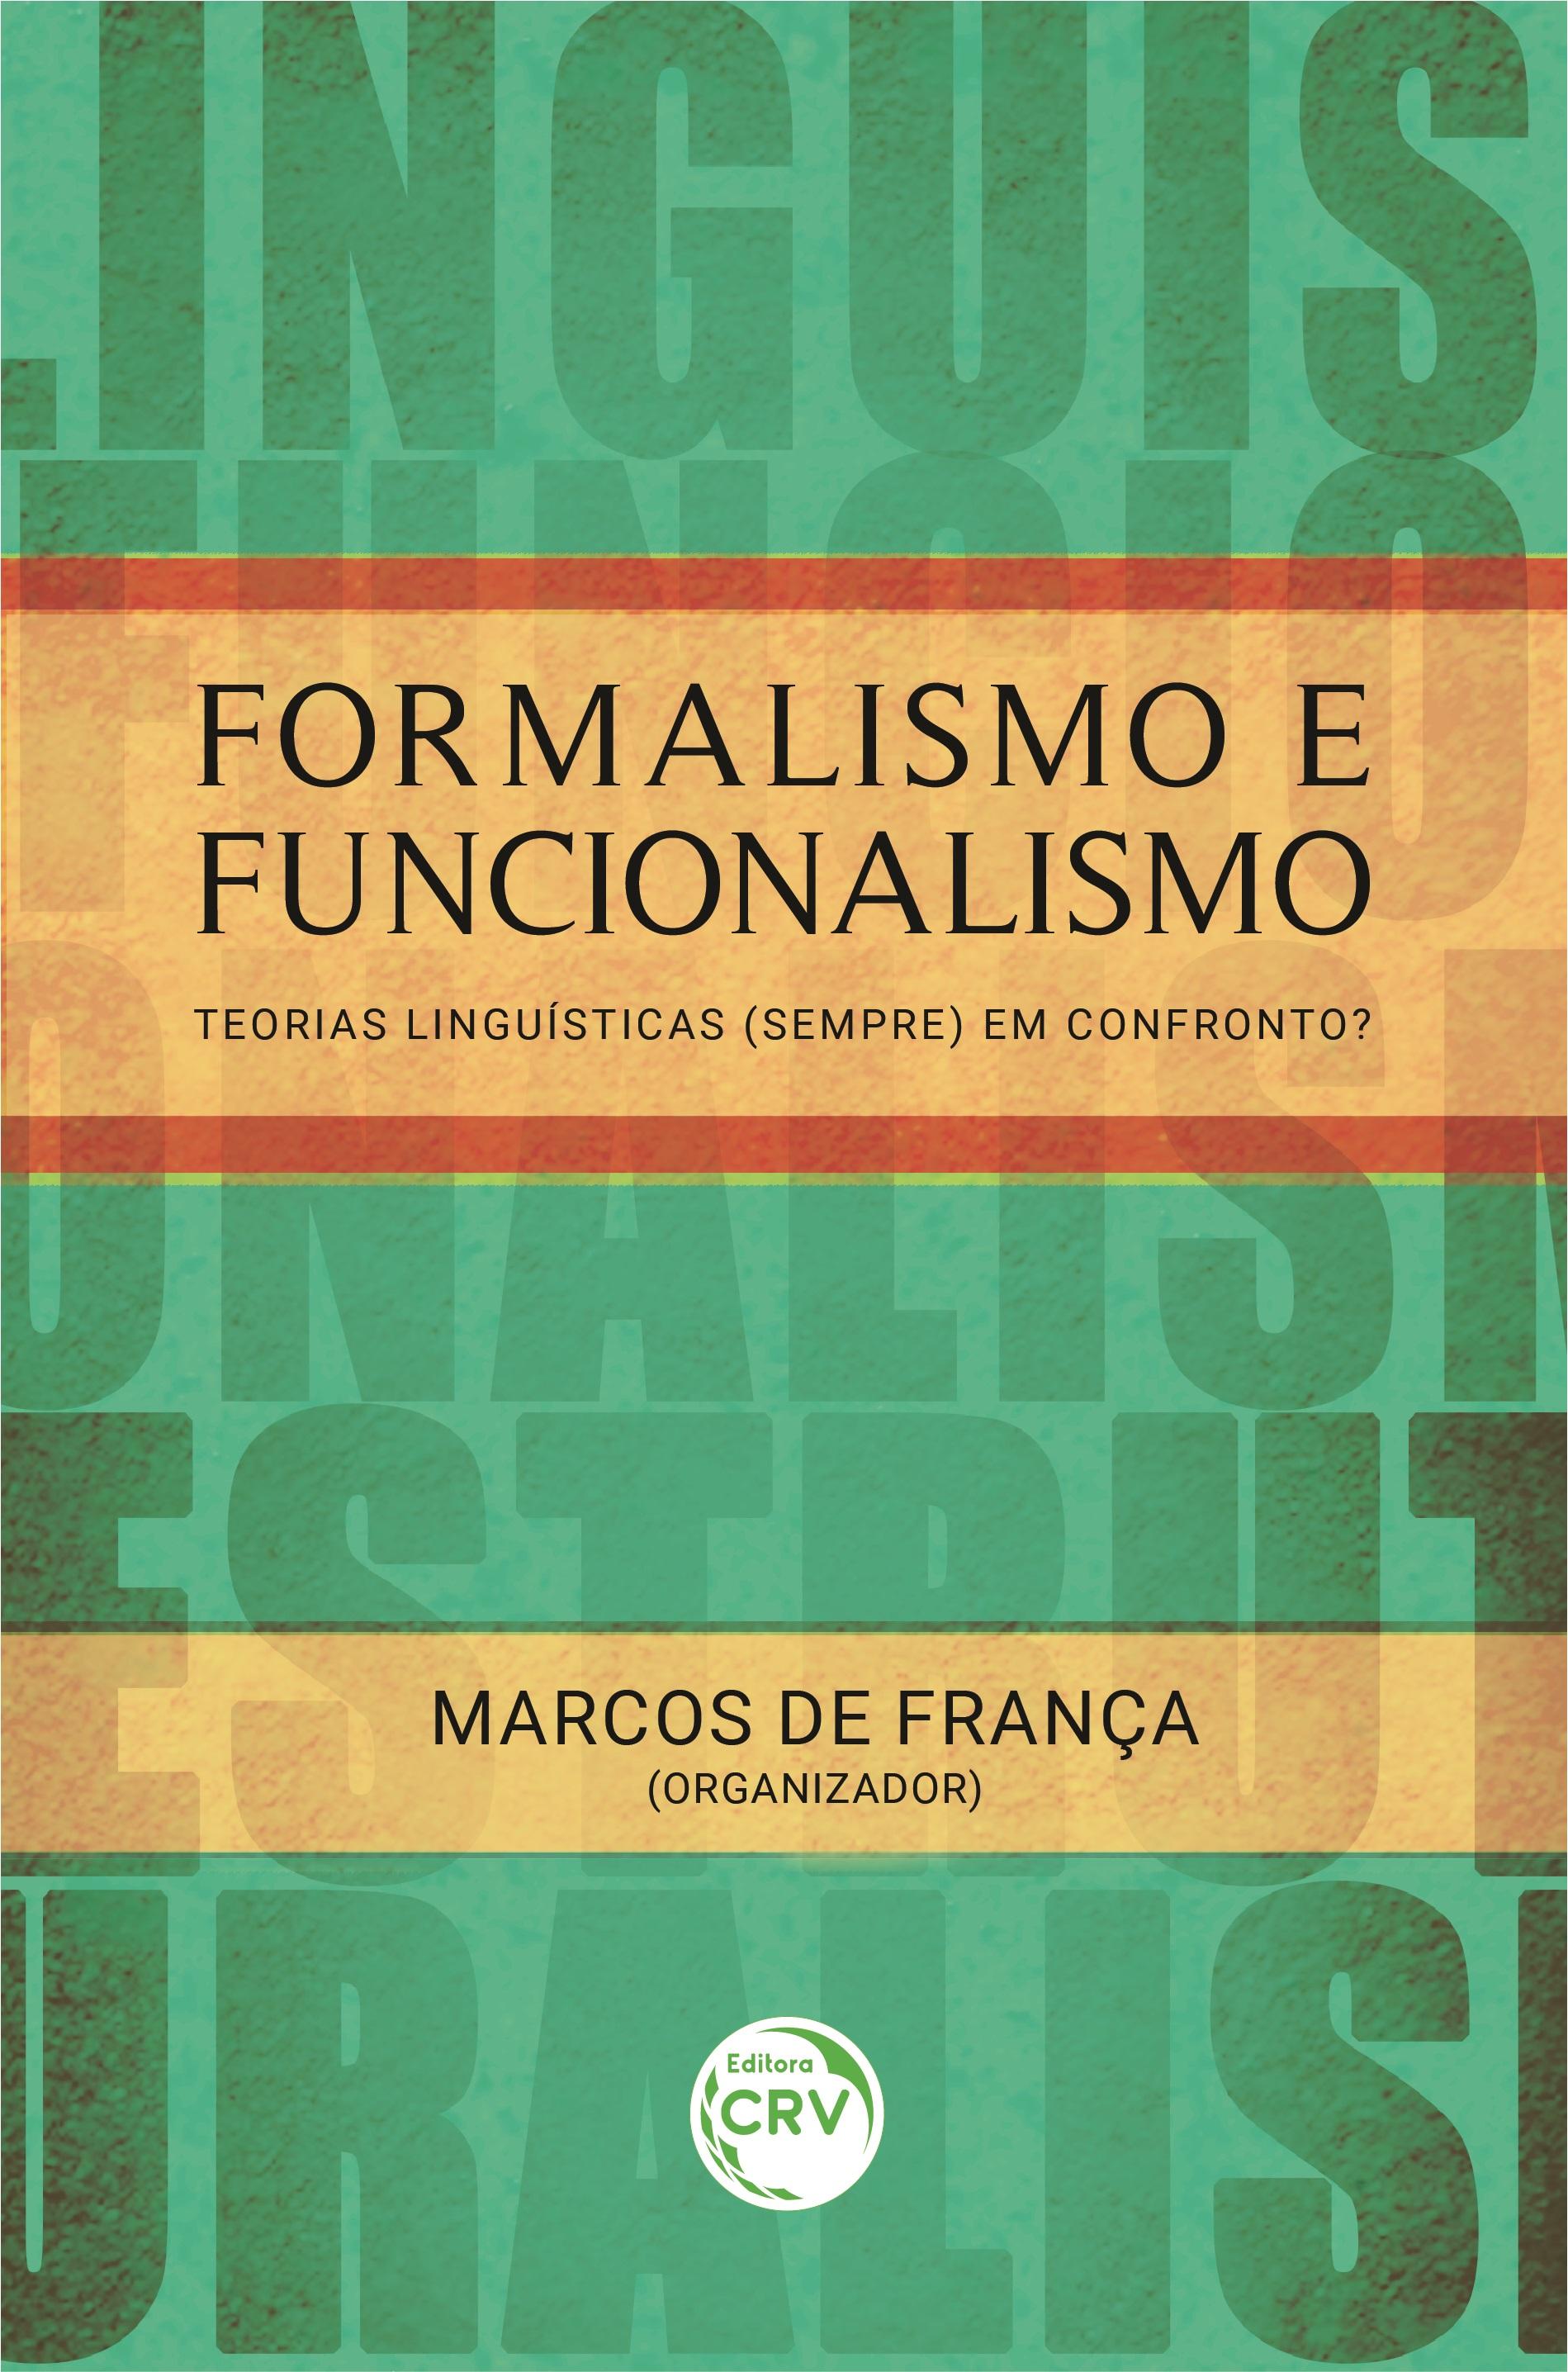 Capa do livro: FORMALISMO E FUNCIONALISMO:<br> teorias linguísticas (sempre) em confronto?